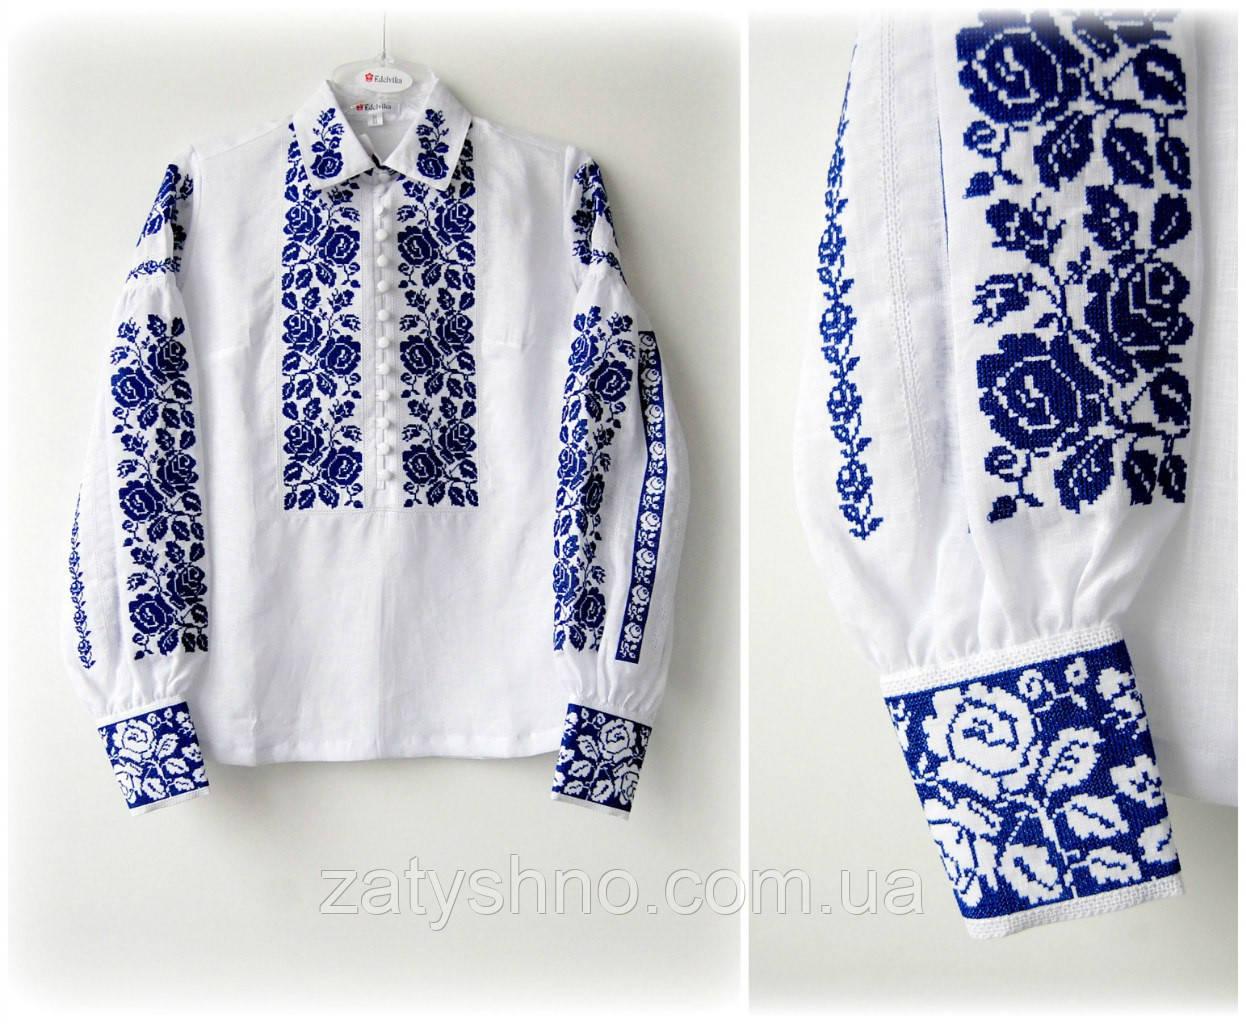 Вышиванка женская, лен, синий орнамент